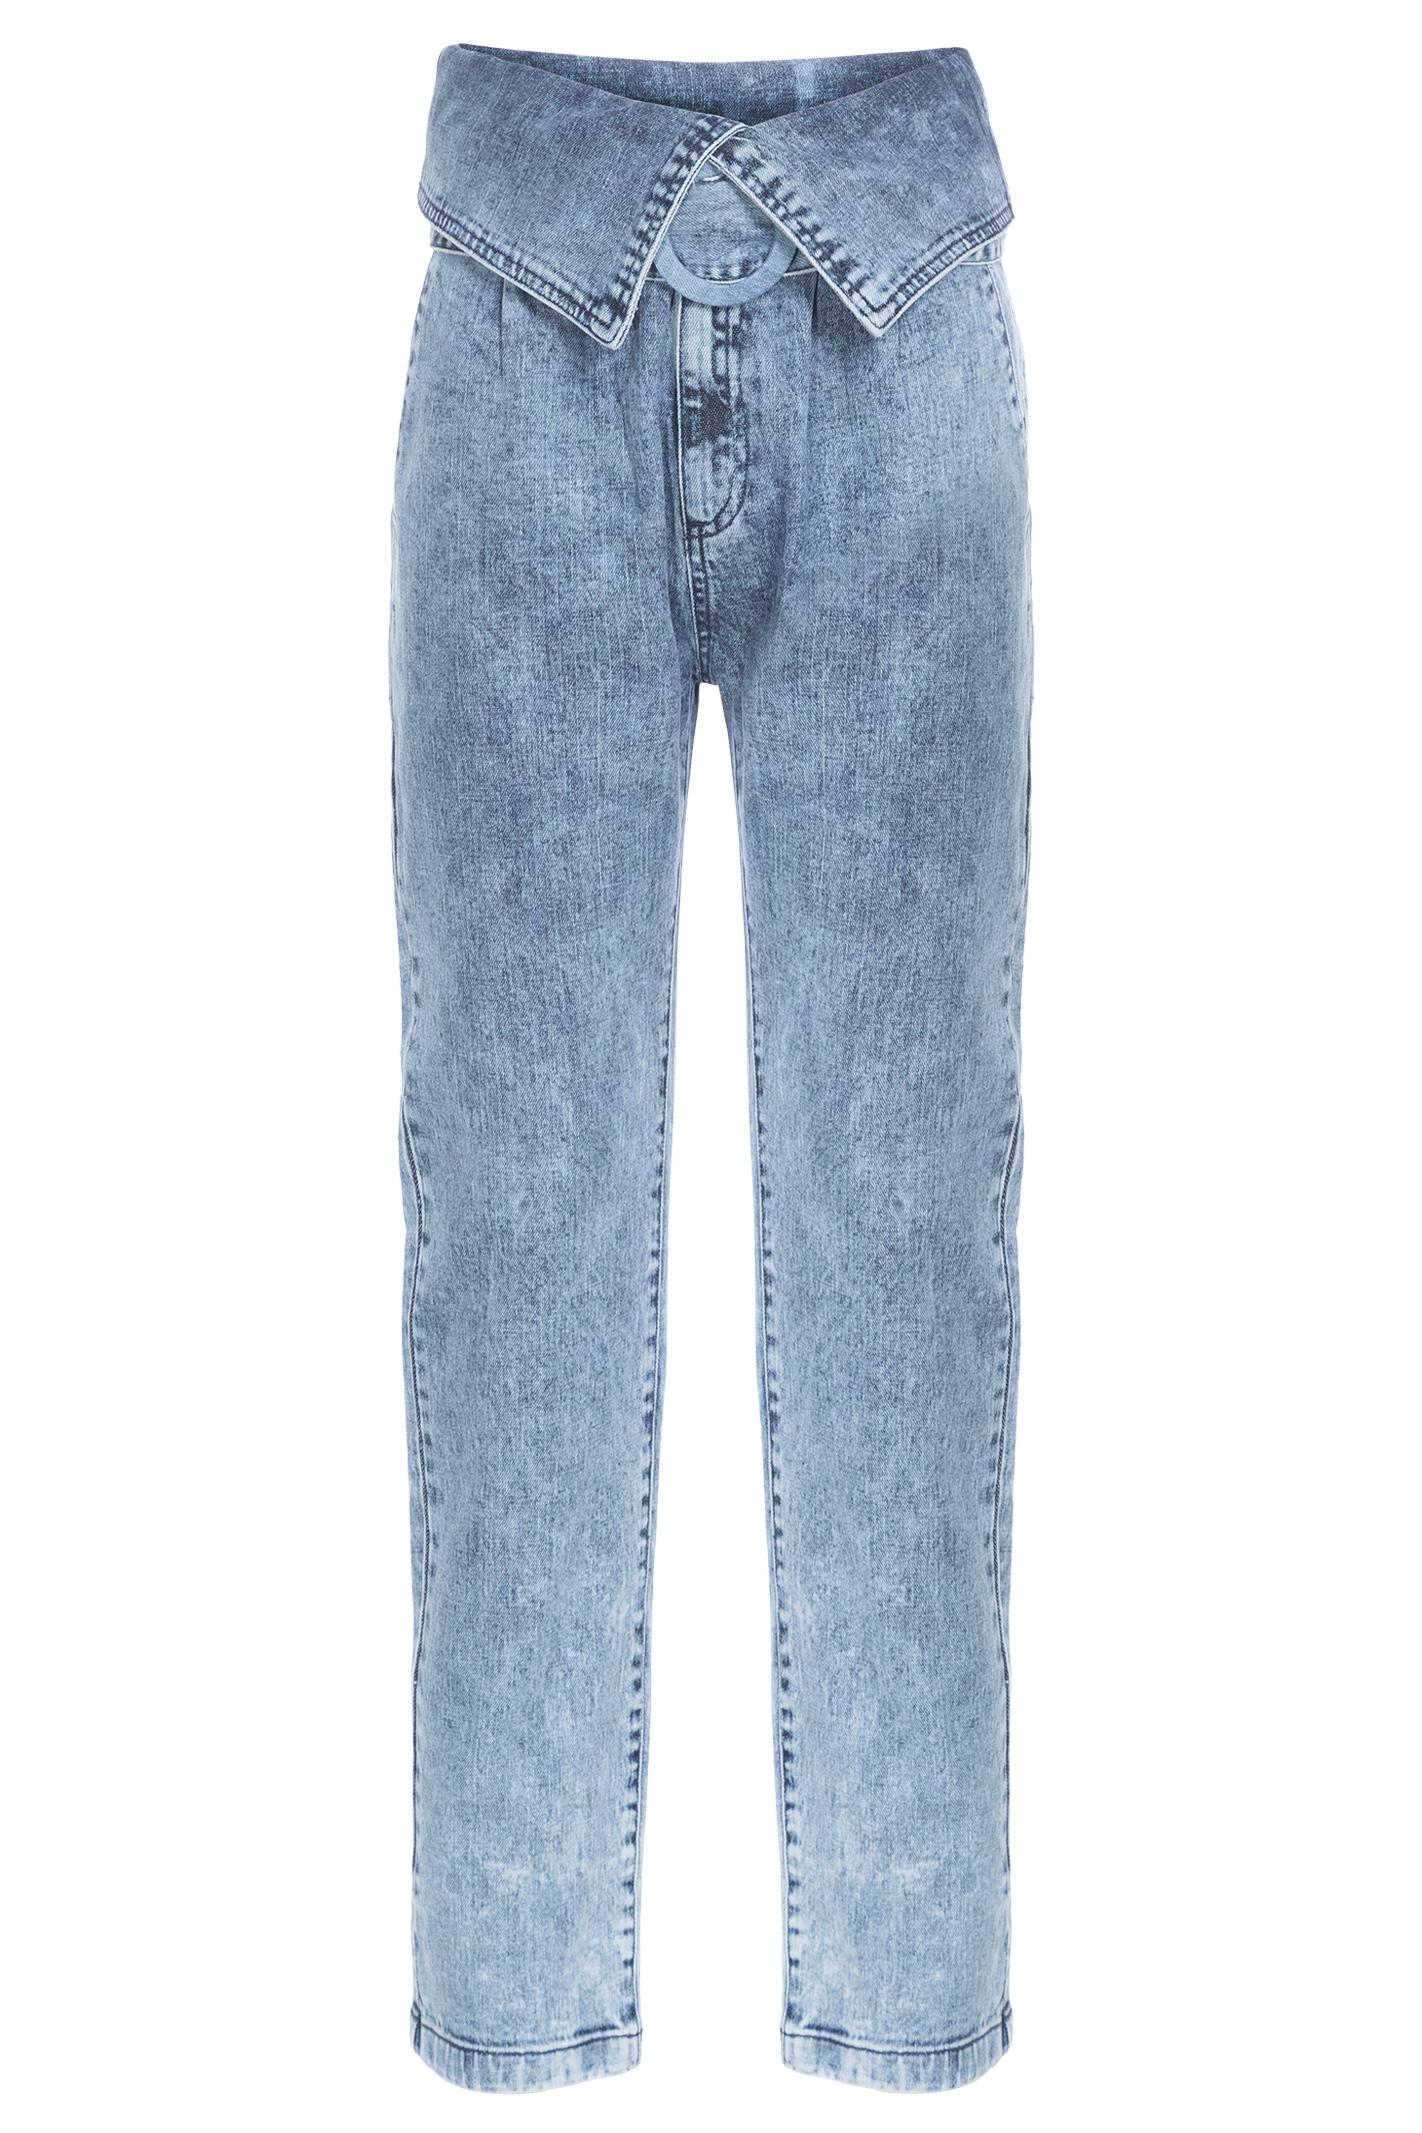 Calça Jeans Cool